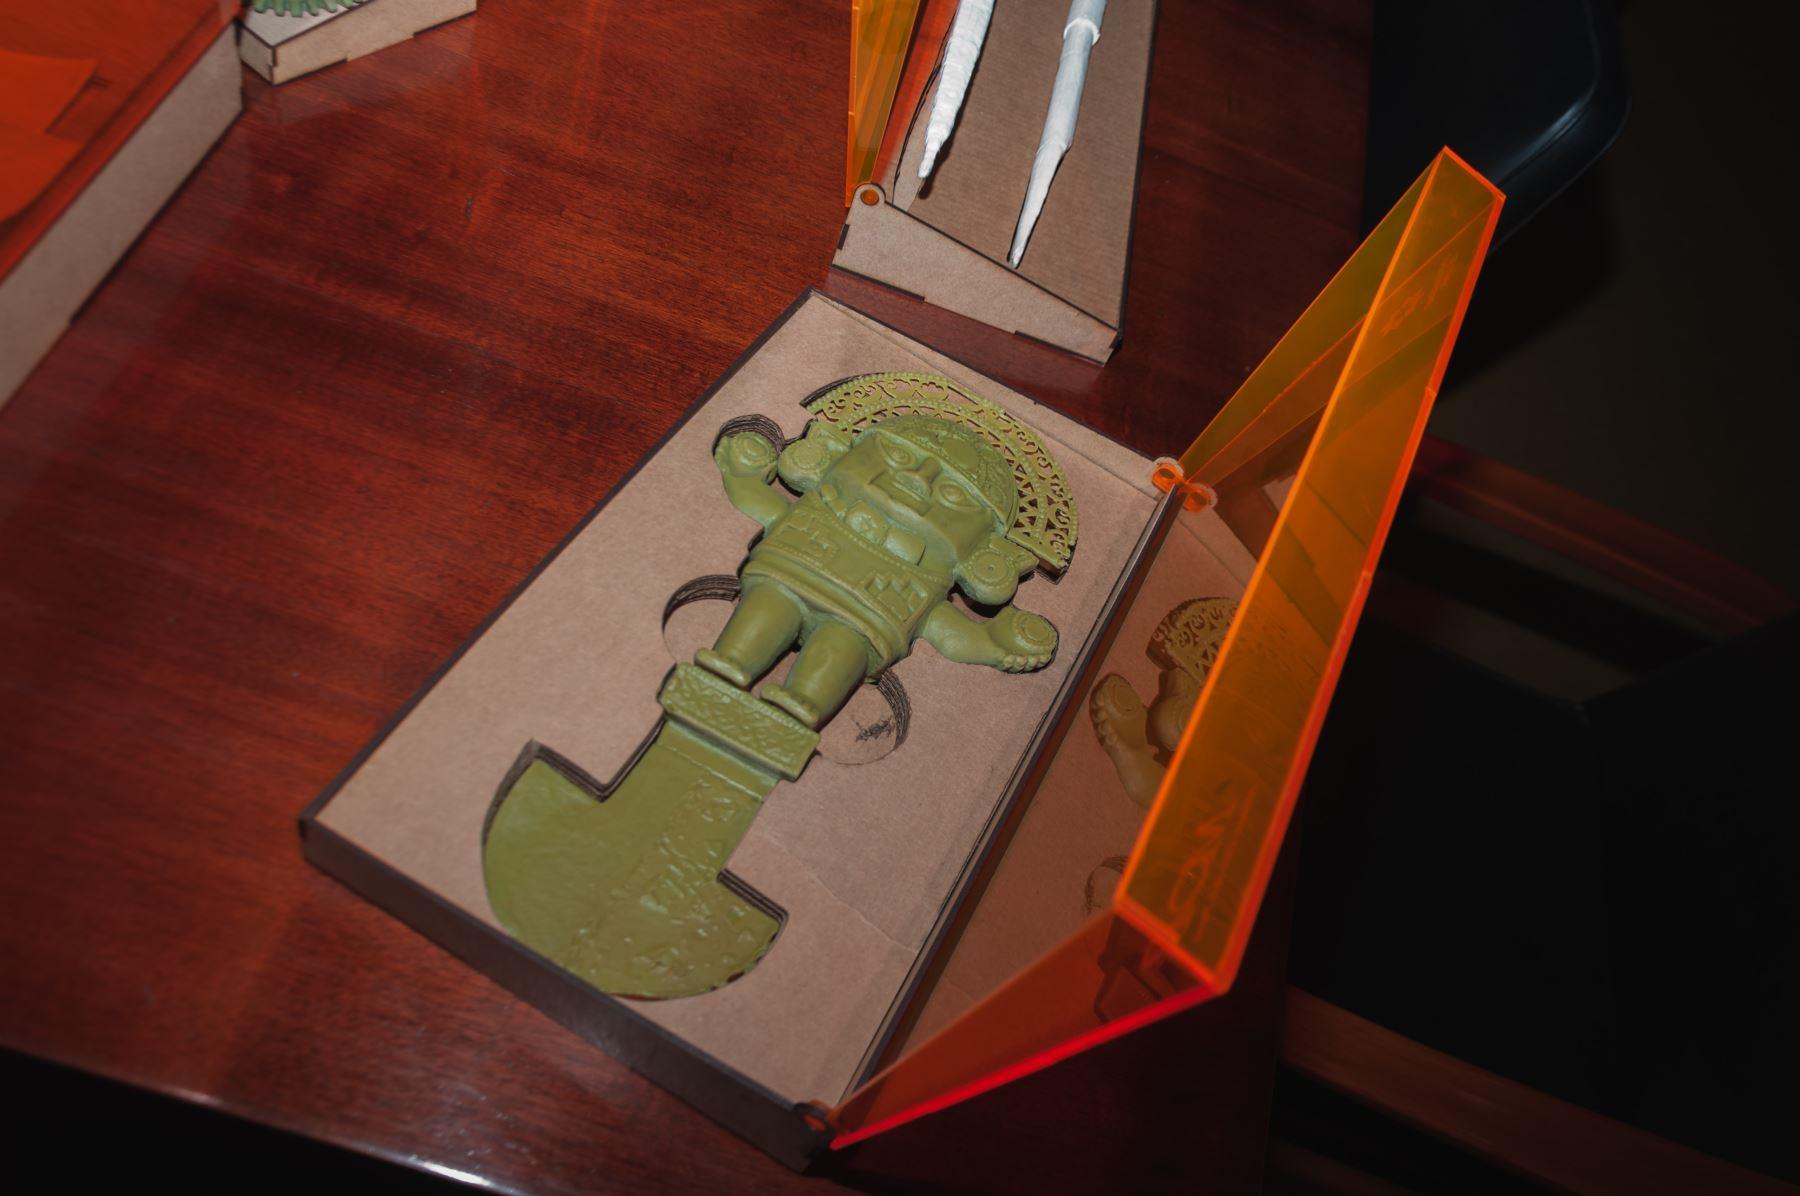 El Museo de Oro exhibirá piezas arqueológicas en 3D para que personas con discapacidad visual puedan conocerlas